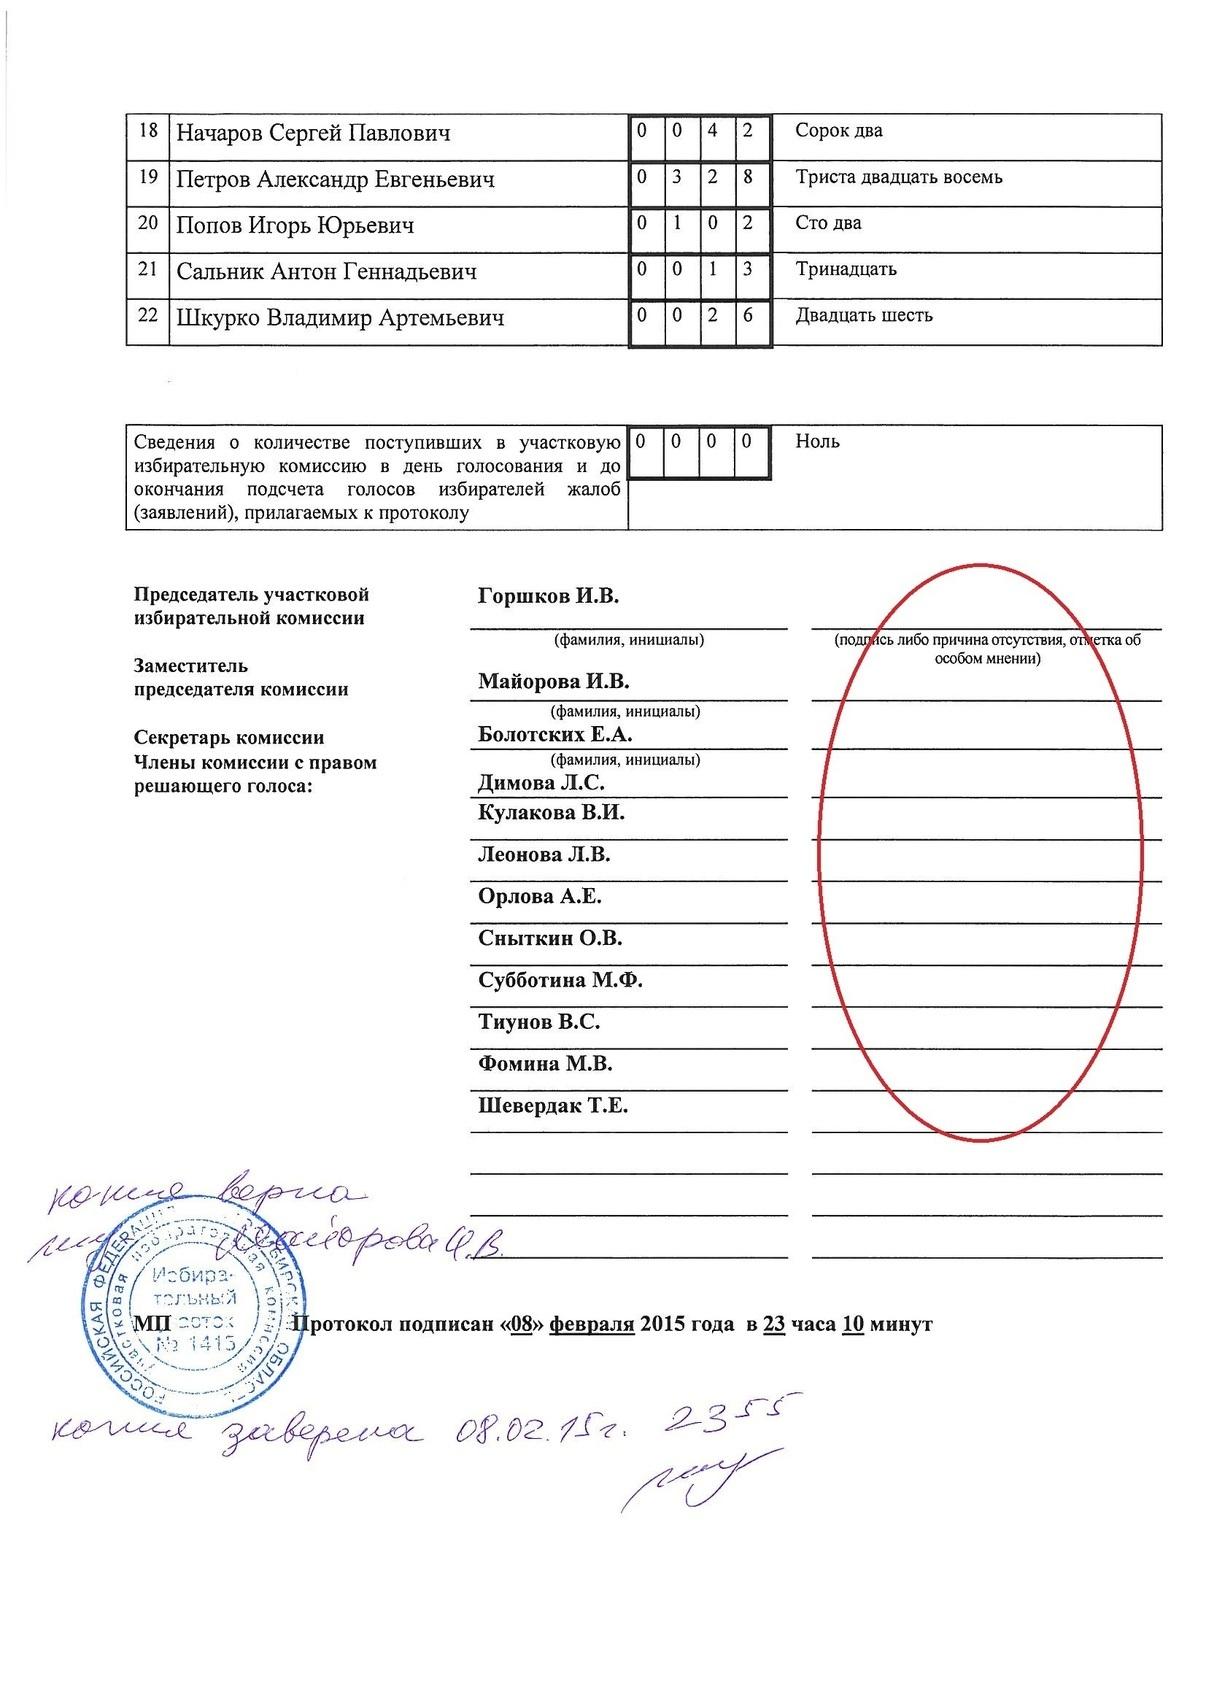 УИК №1415_2